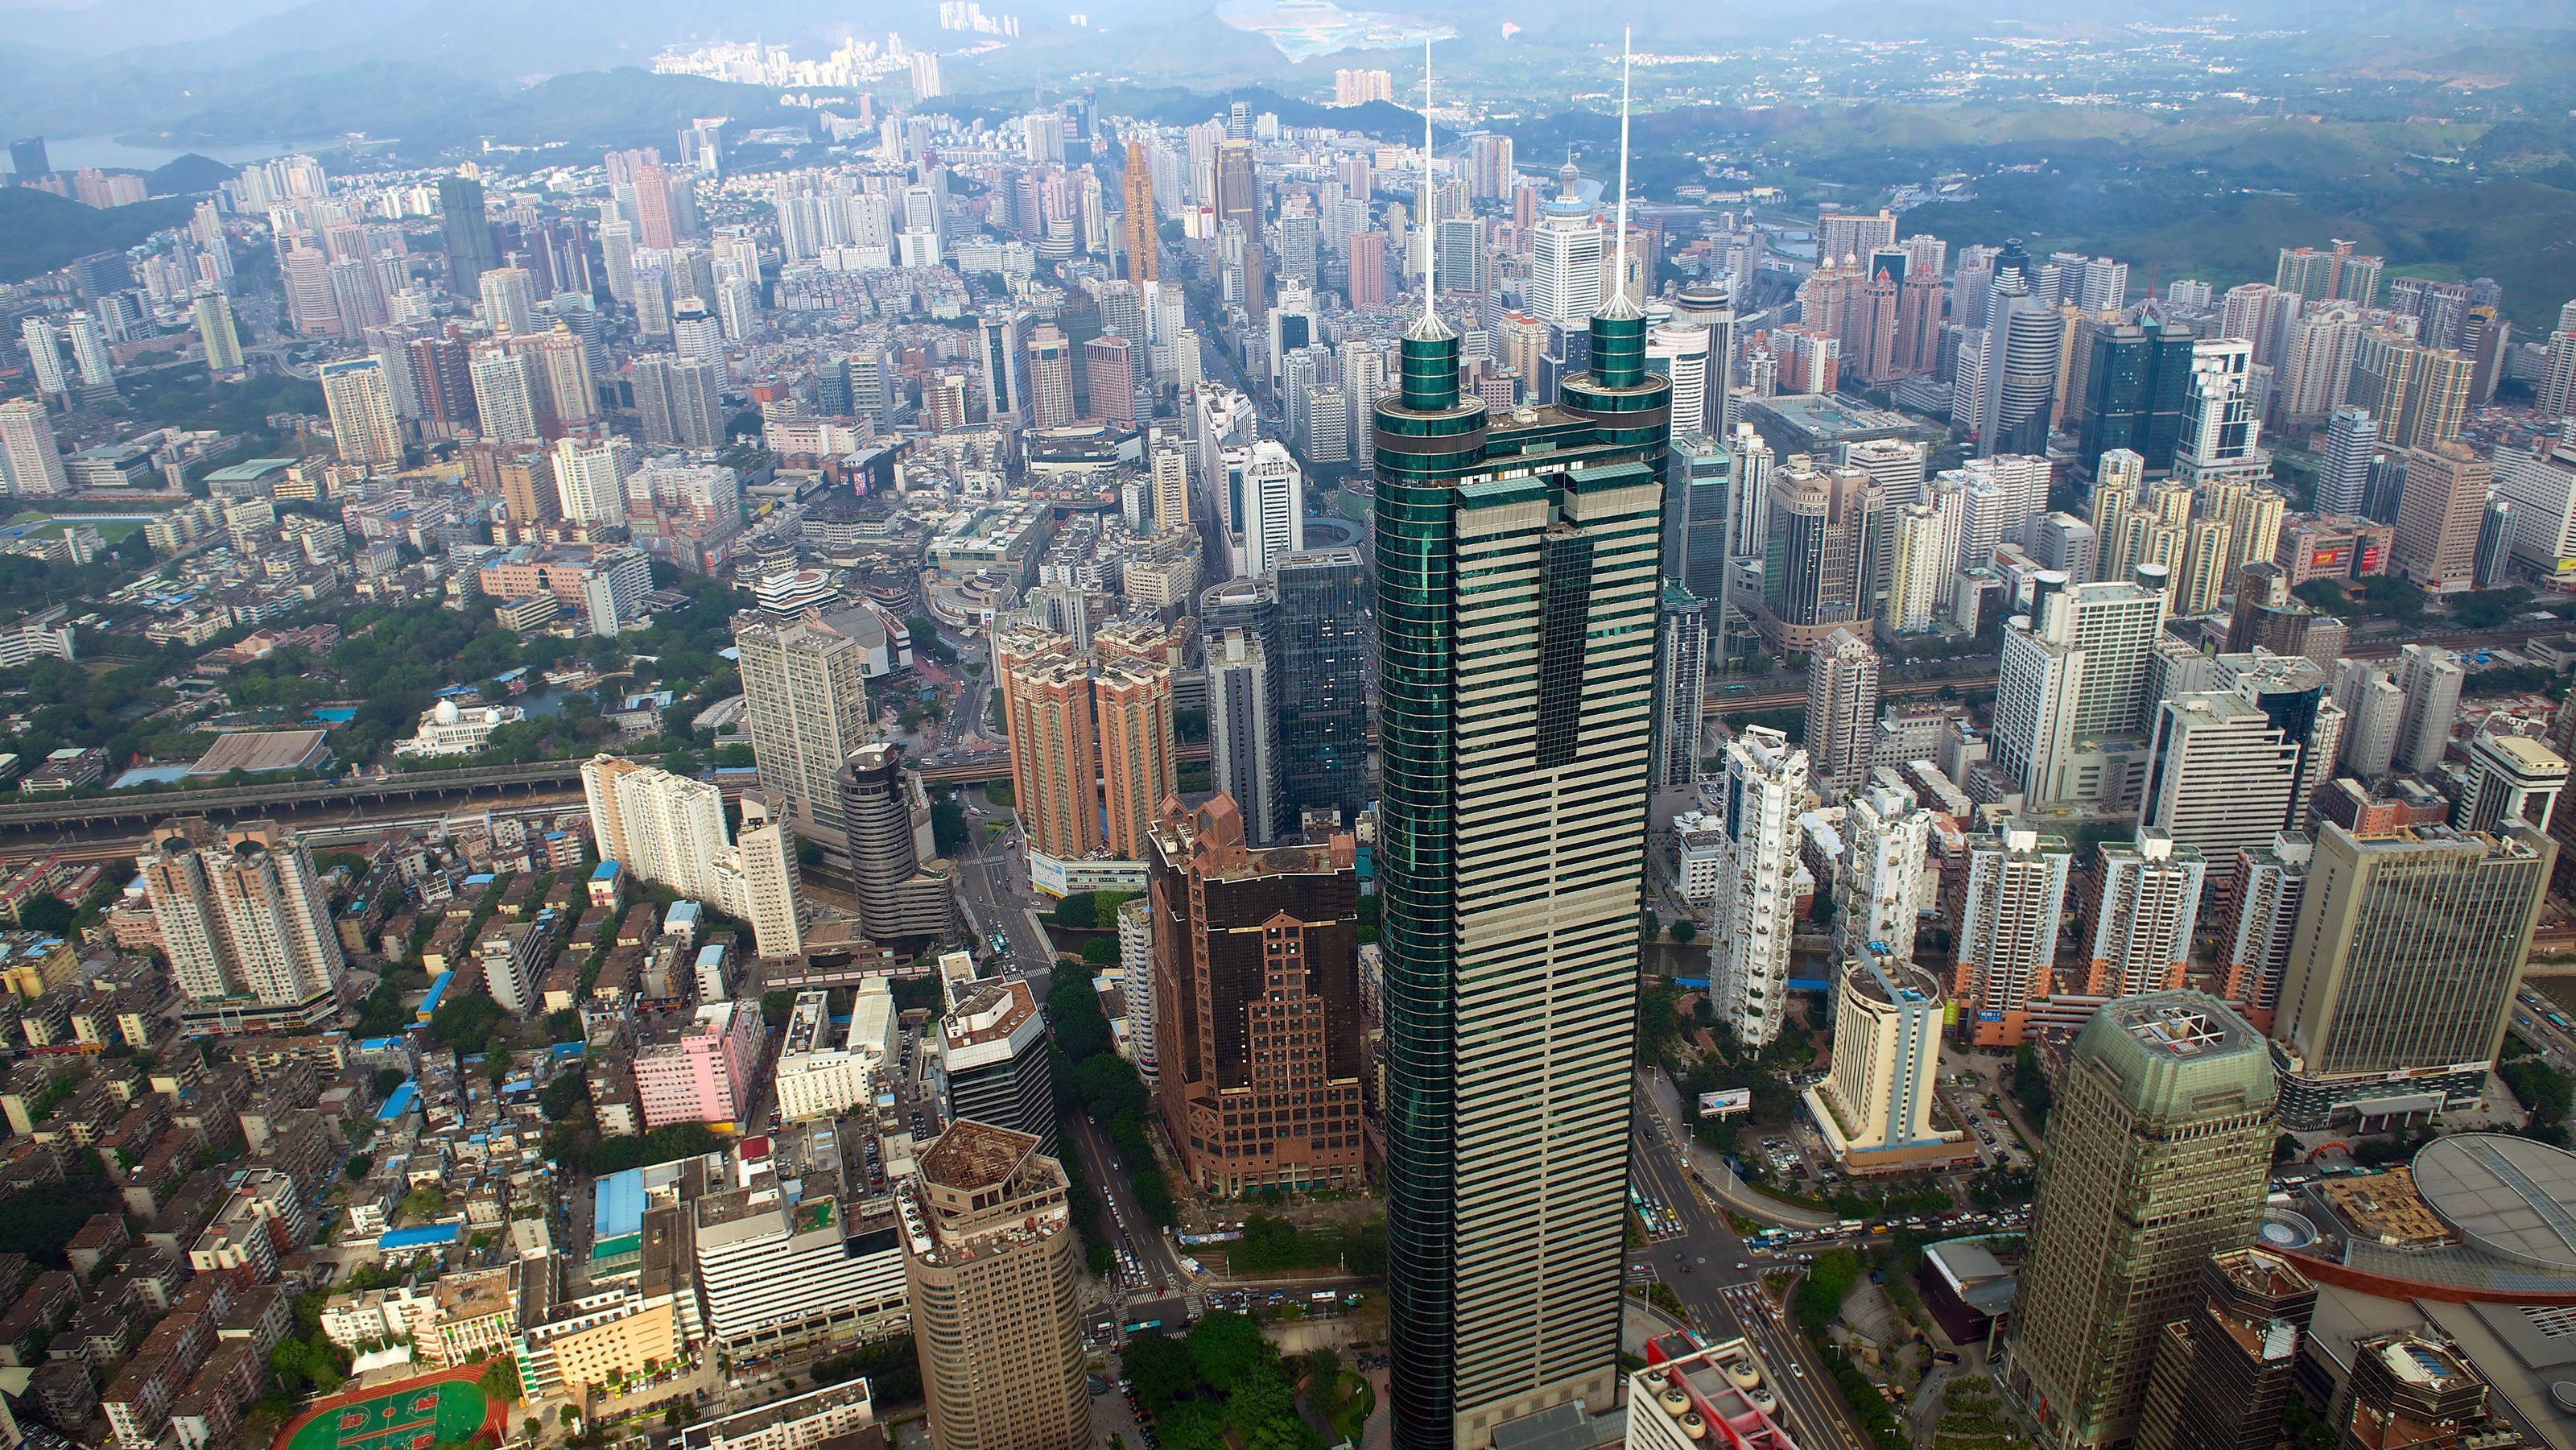 Shenzhen Day Trip from Hong Kong